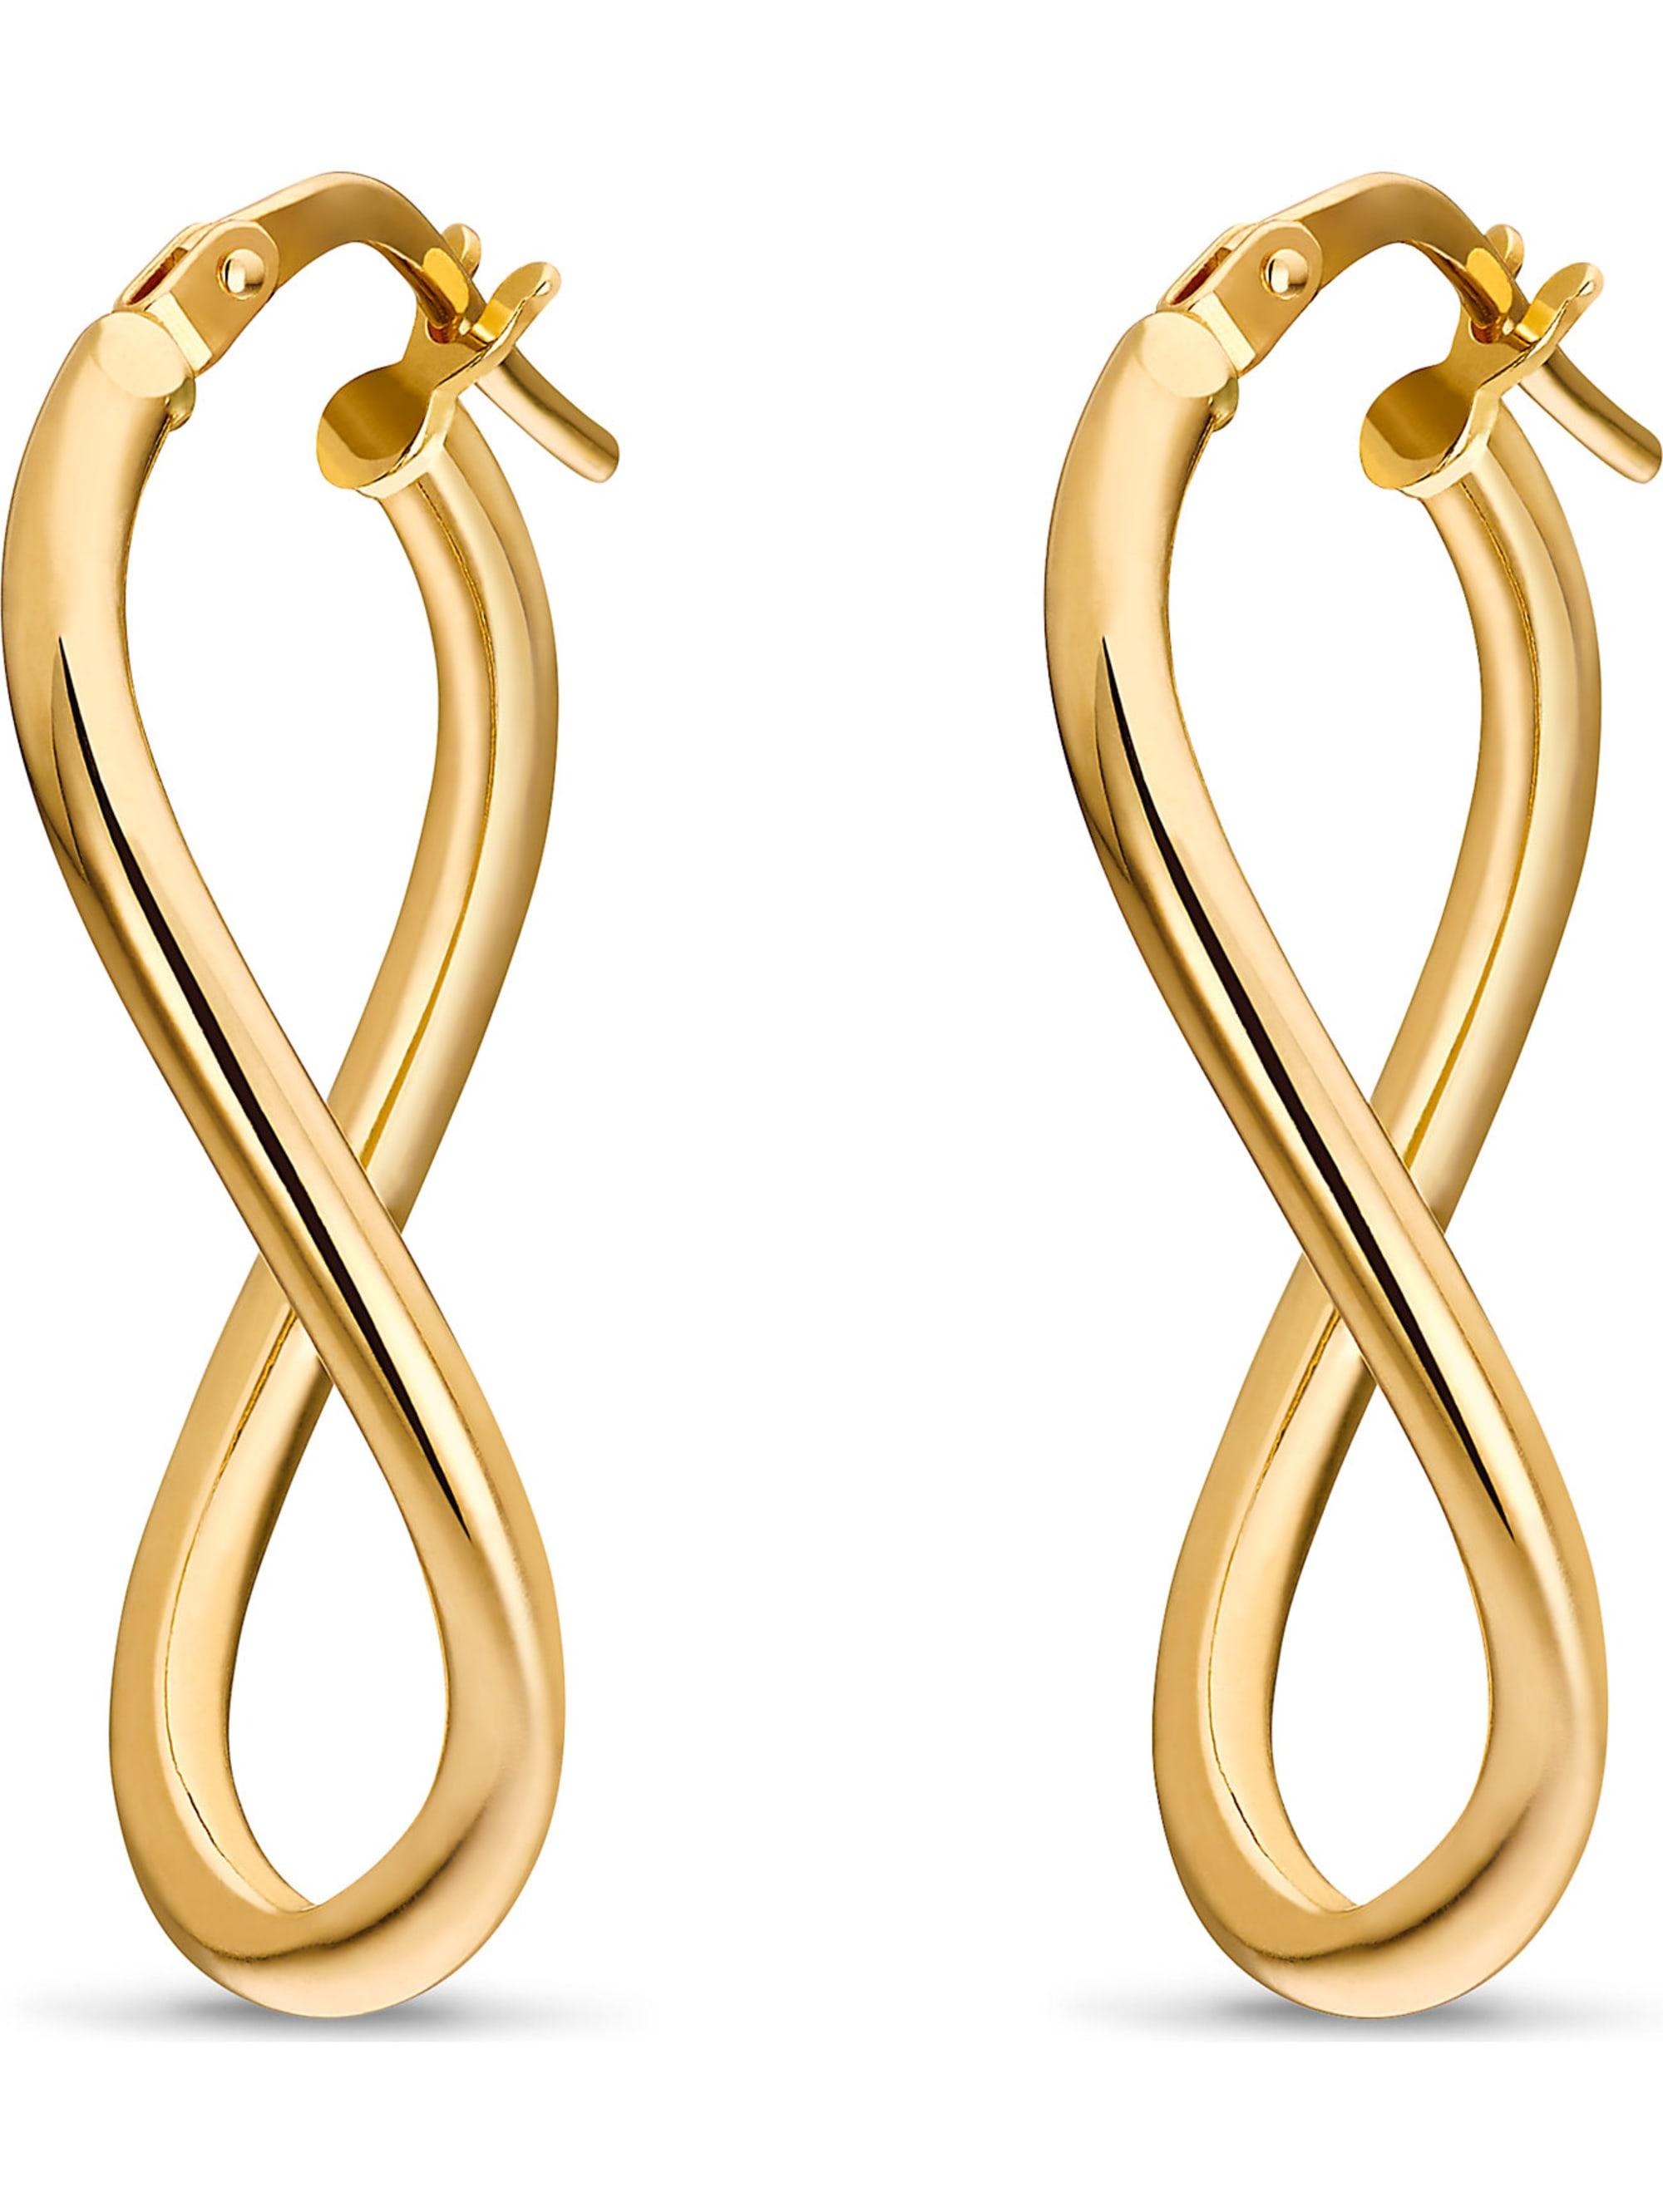 CHRIST GOLD CHRIST Gold Damen-Creolen 375er Gelbgold XmphV